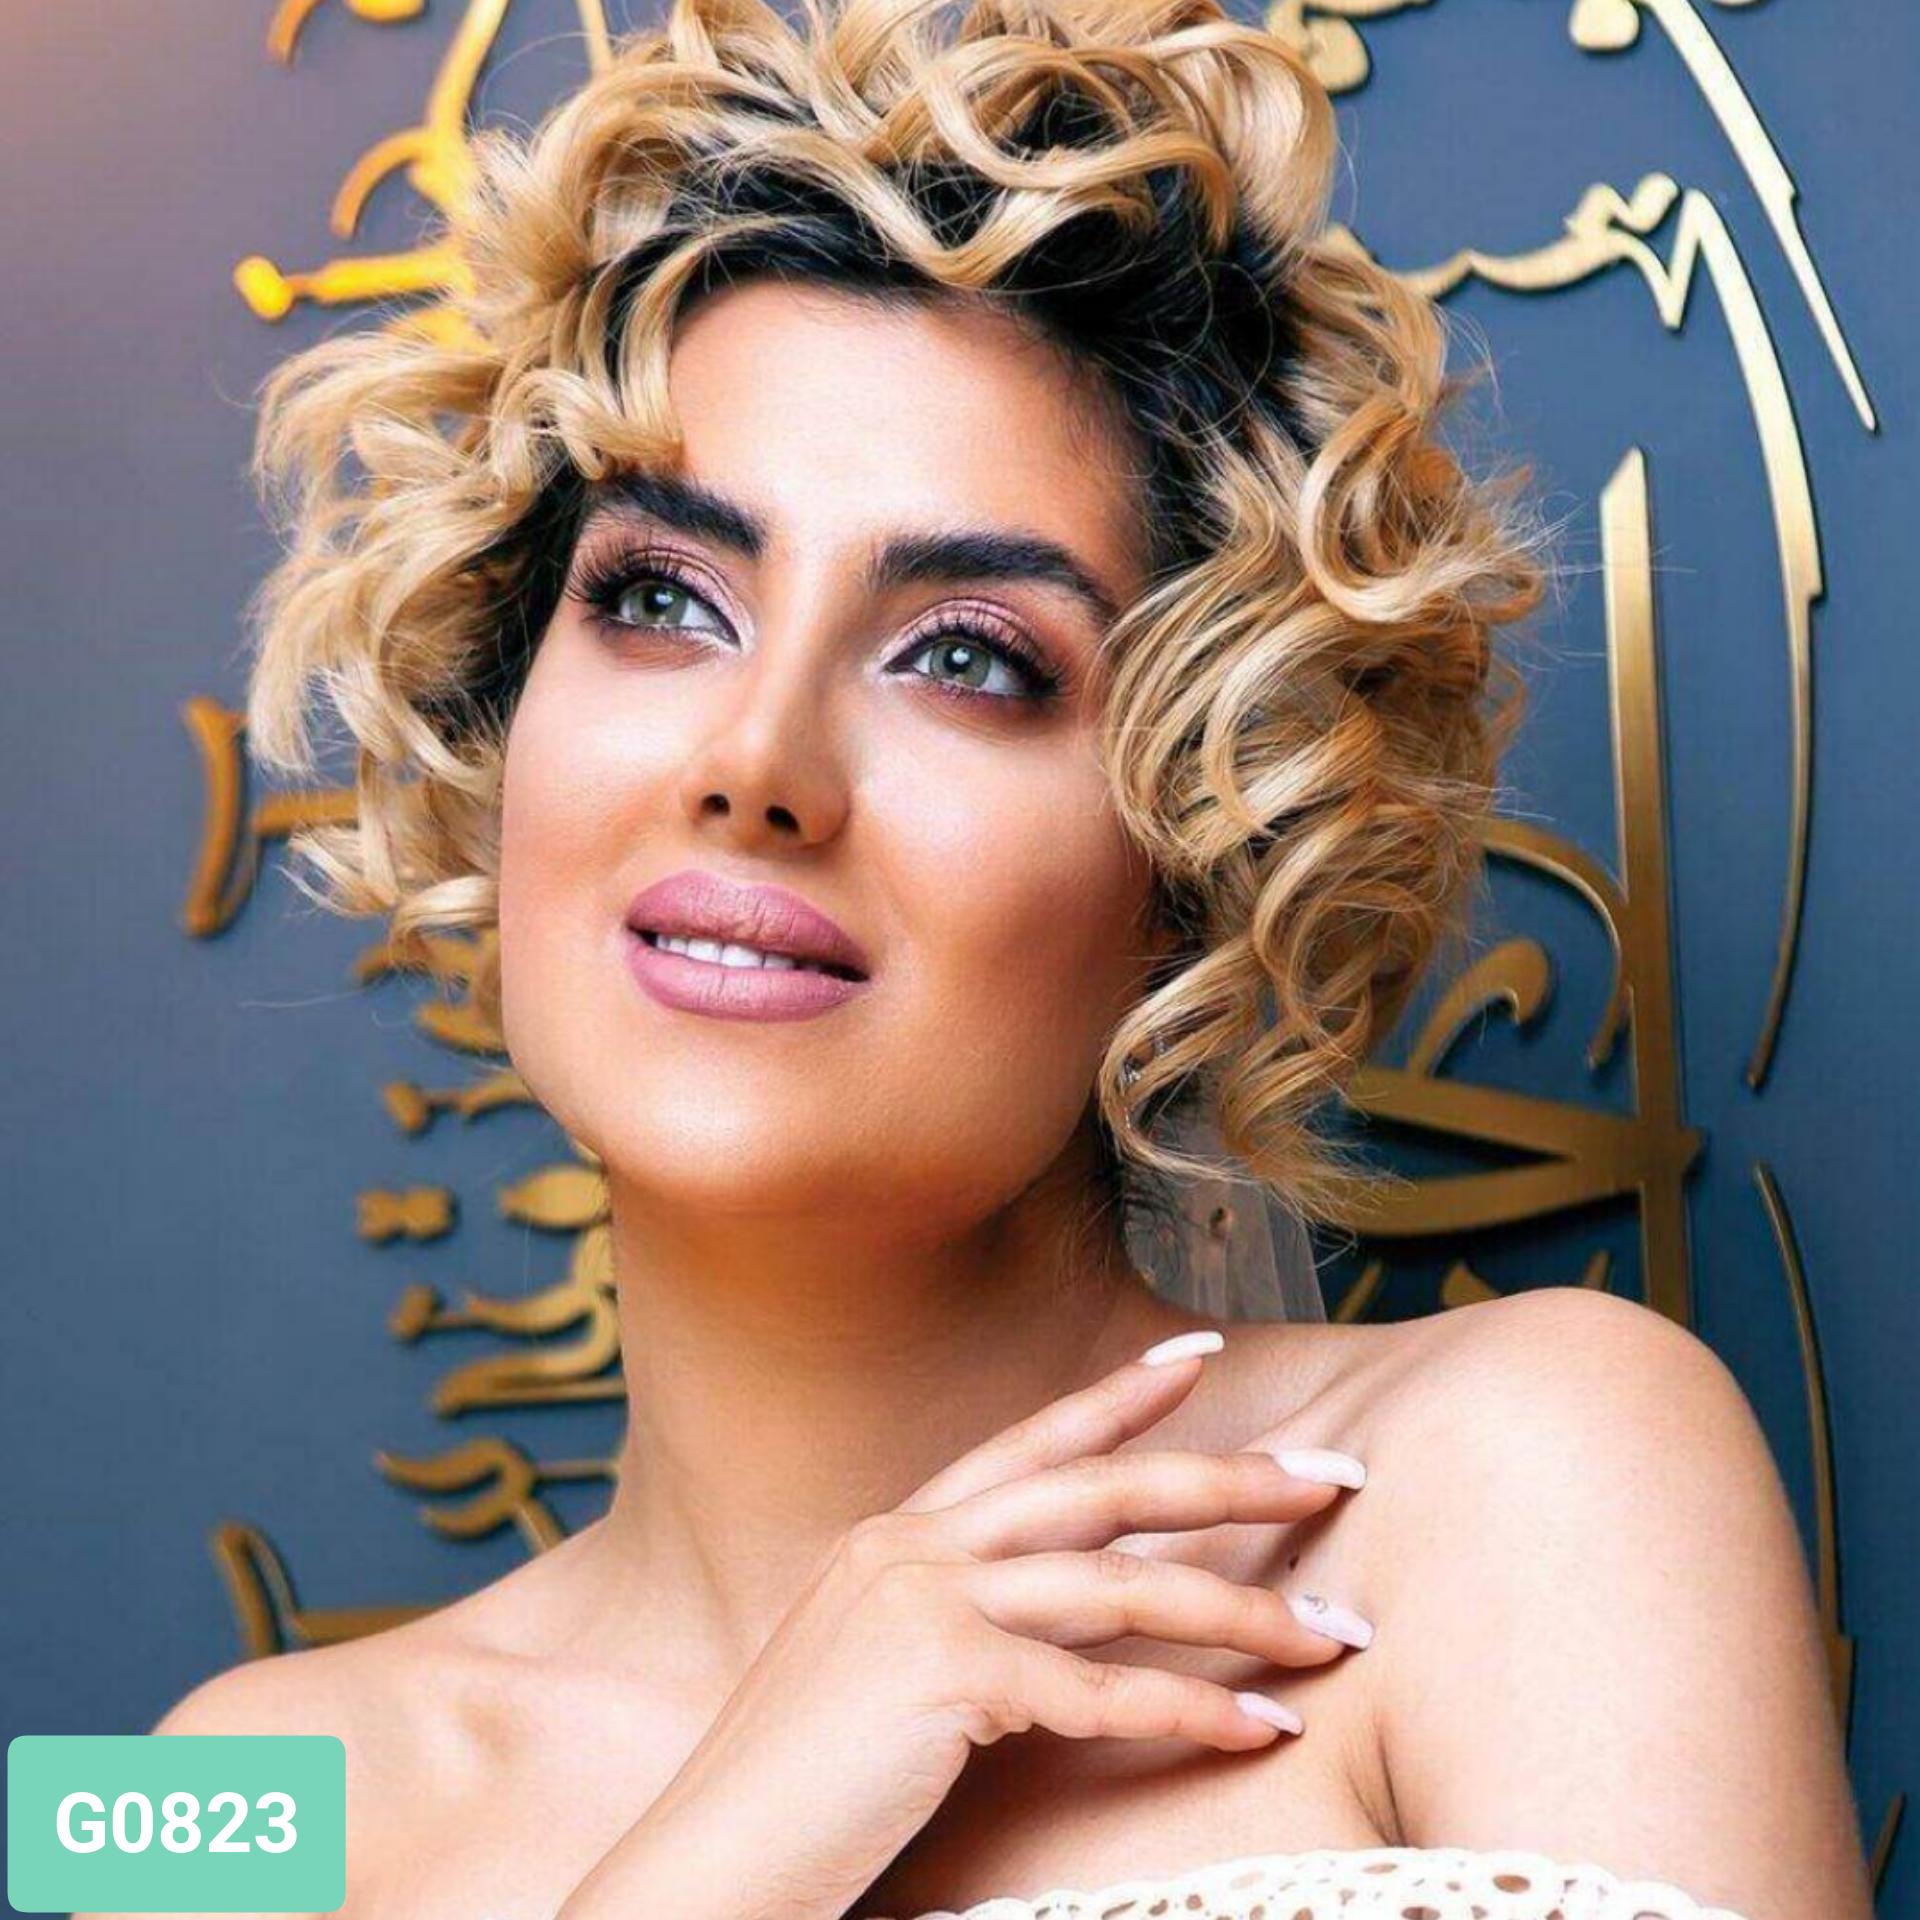 فروش لنز G0823 (سبز)  برند کلیرویژن رنگی بهمراه قیمت امروز لنز رنگی و قیمت امروز لنز طبی